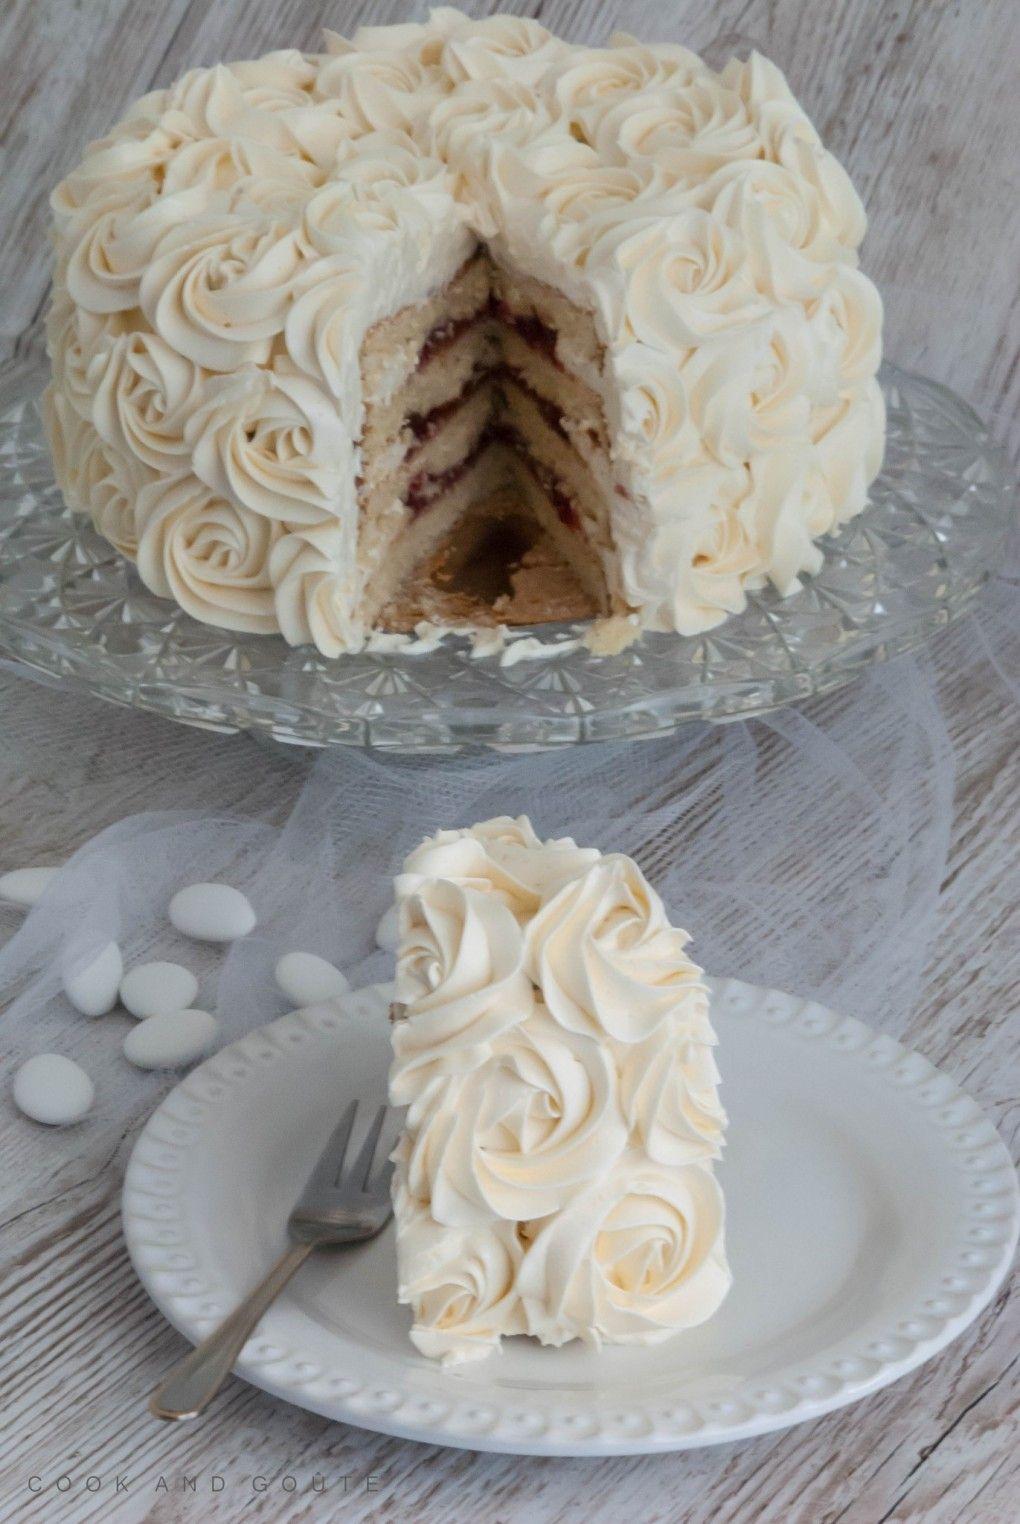 Le rose cake, le plus simple des cakes design